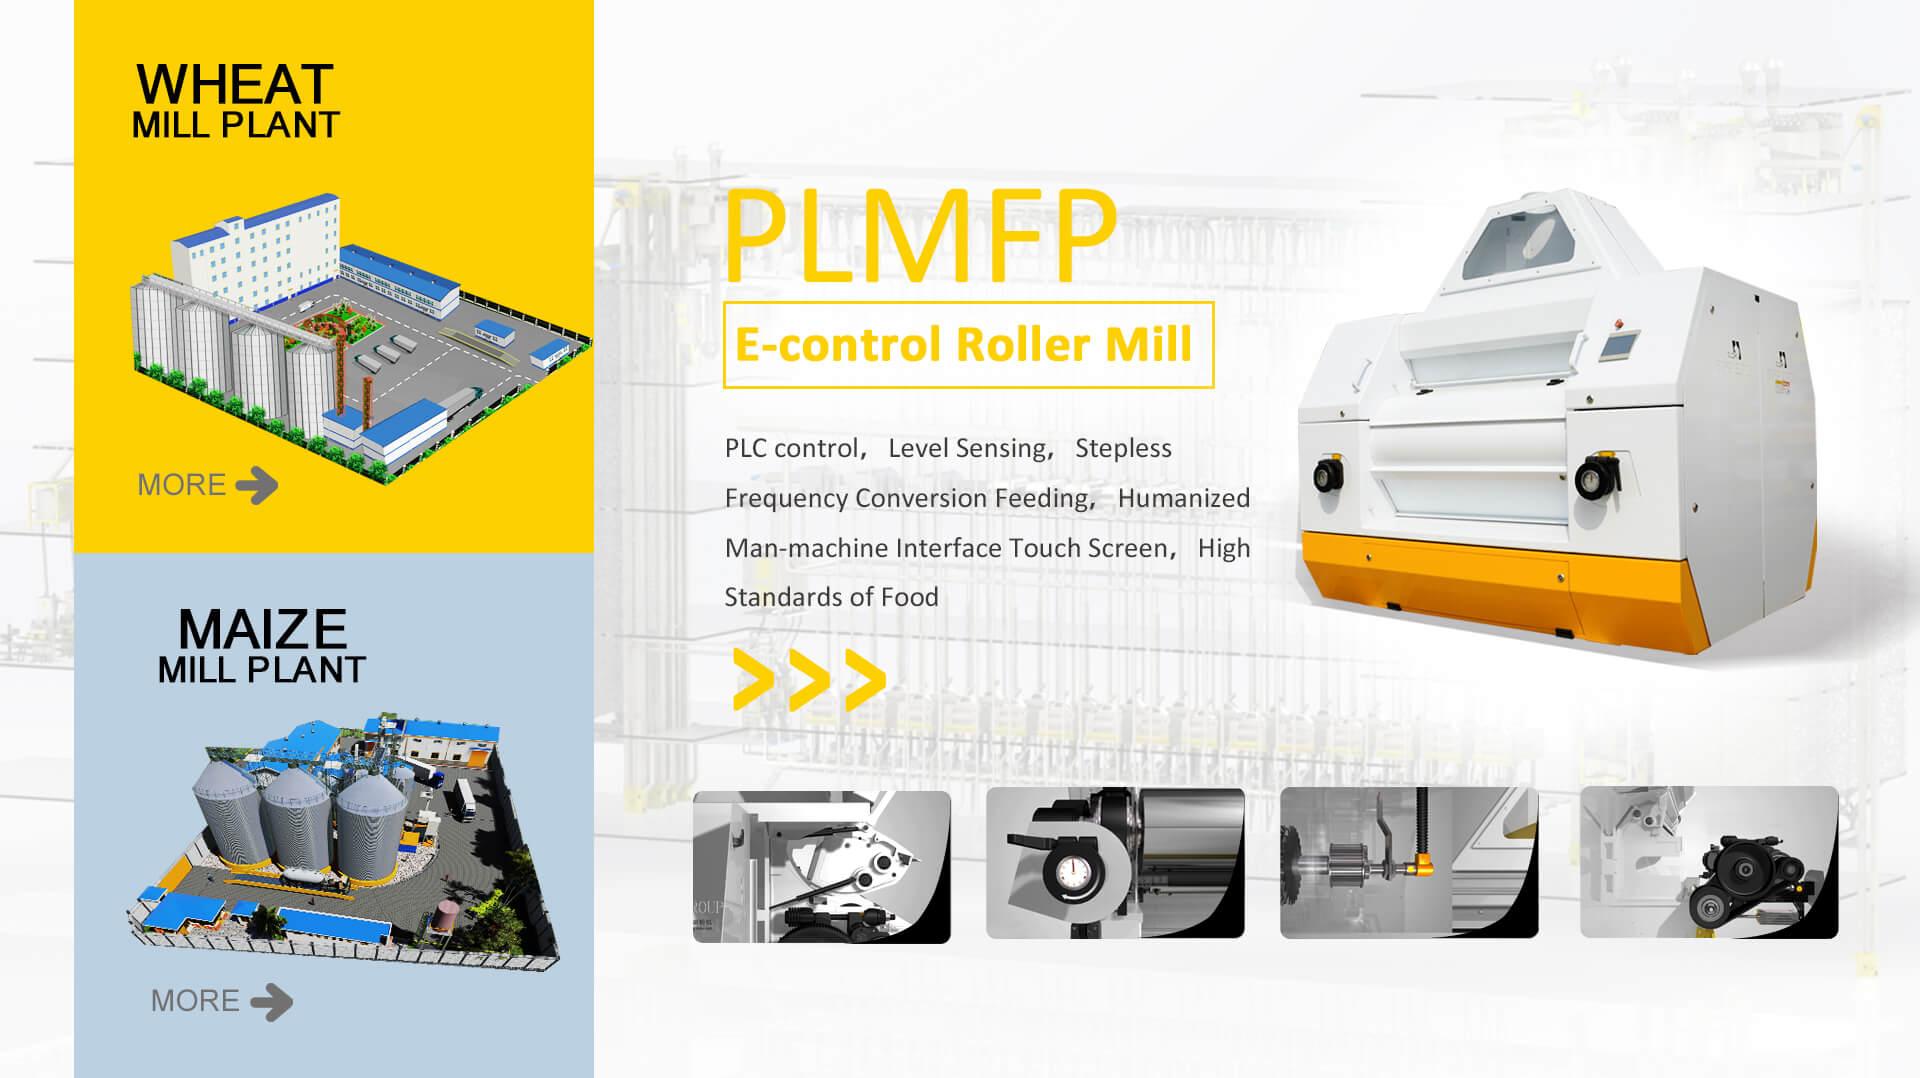 PLMFP Moinho de rolos E-control